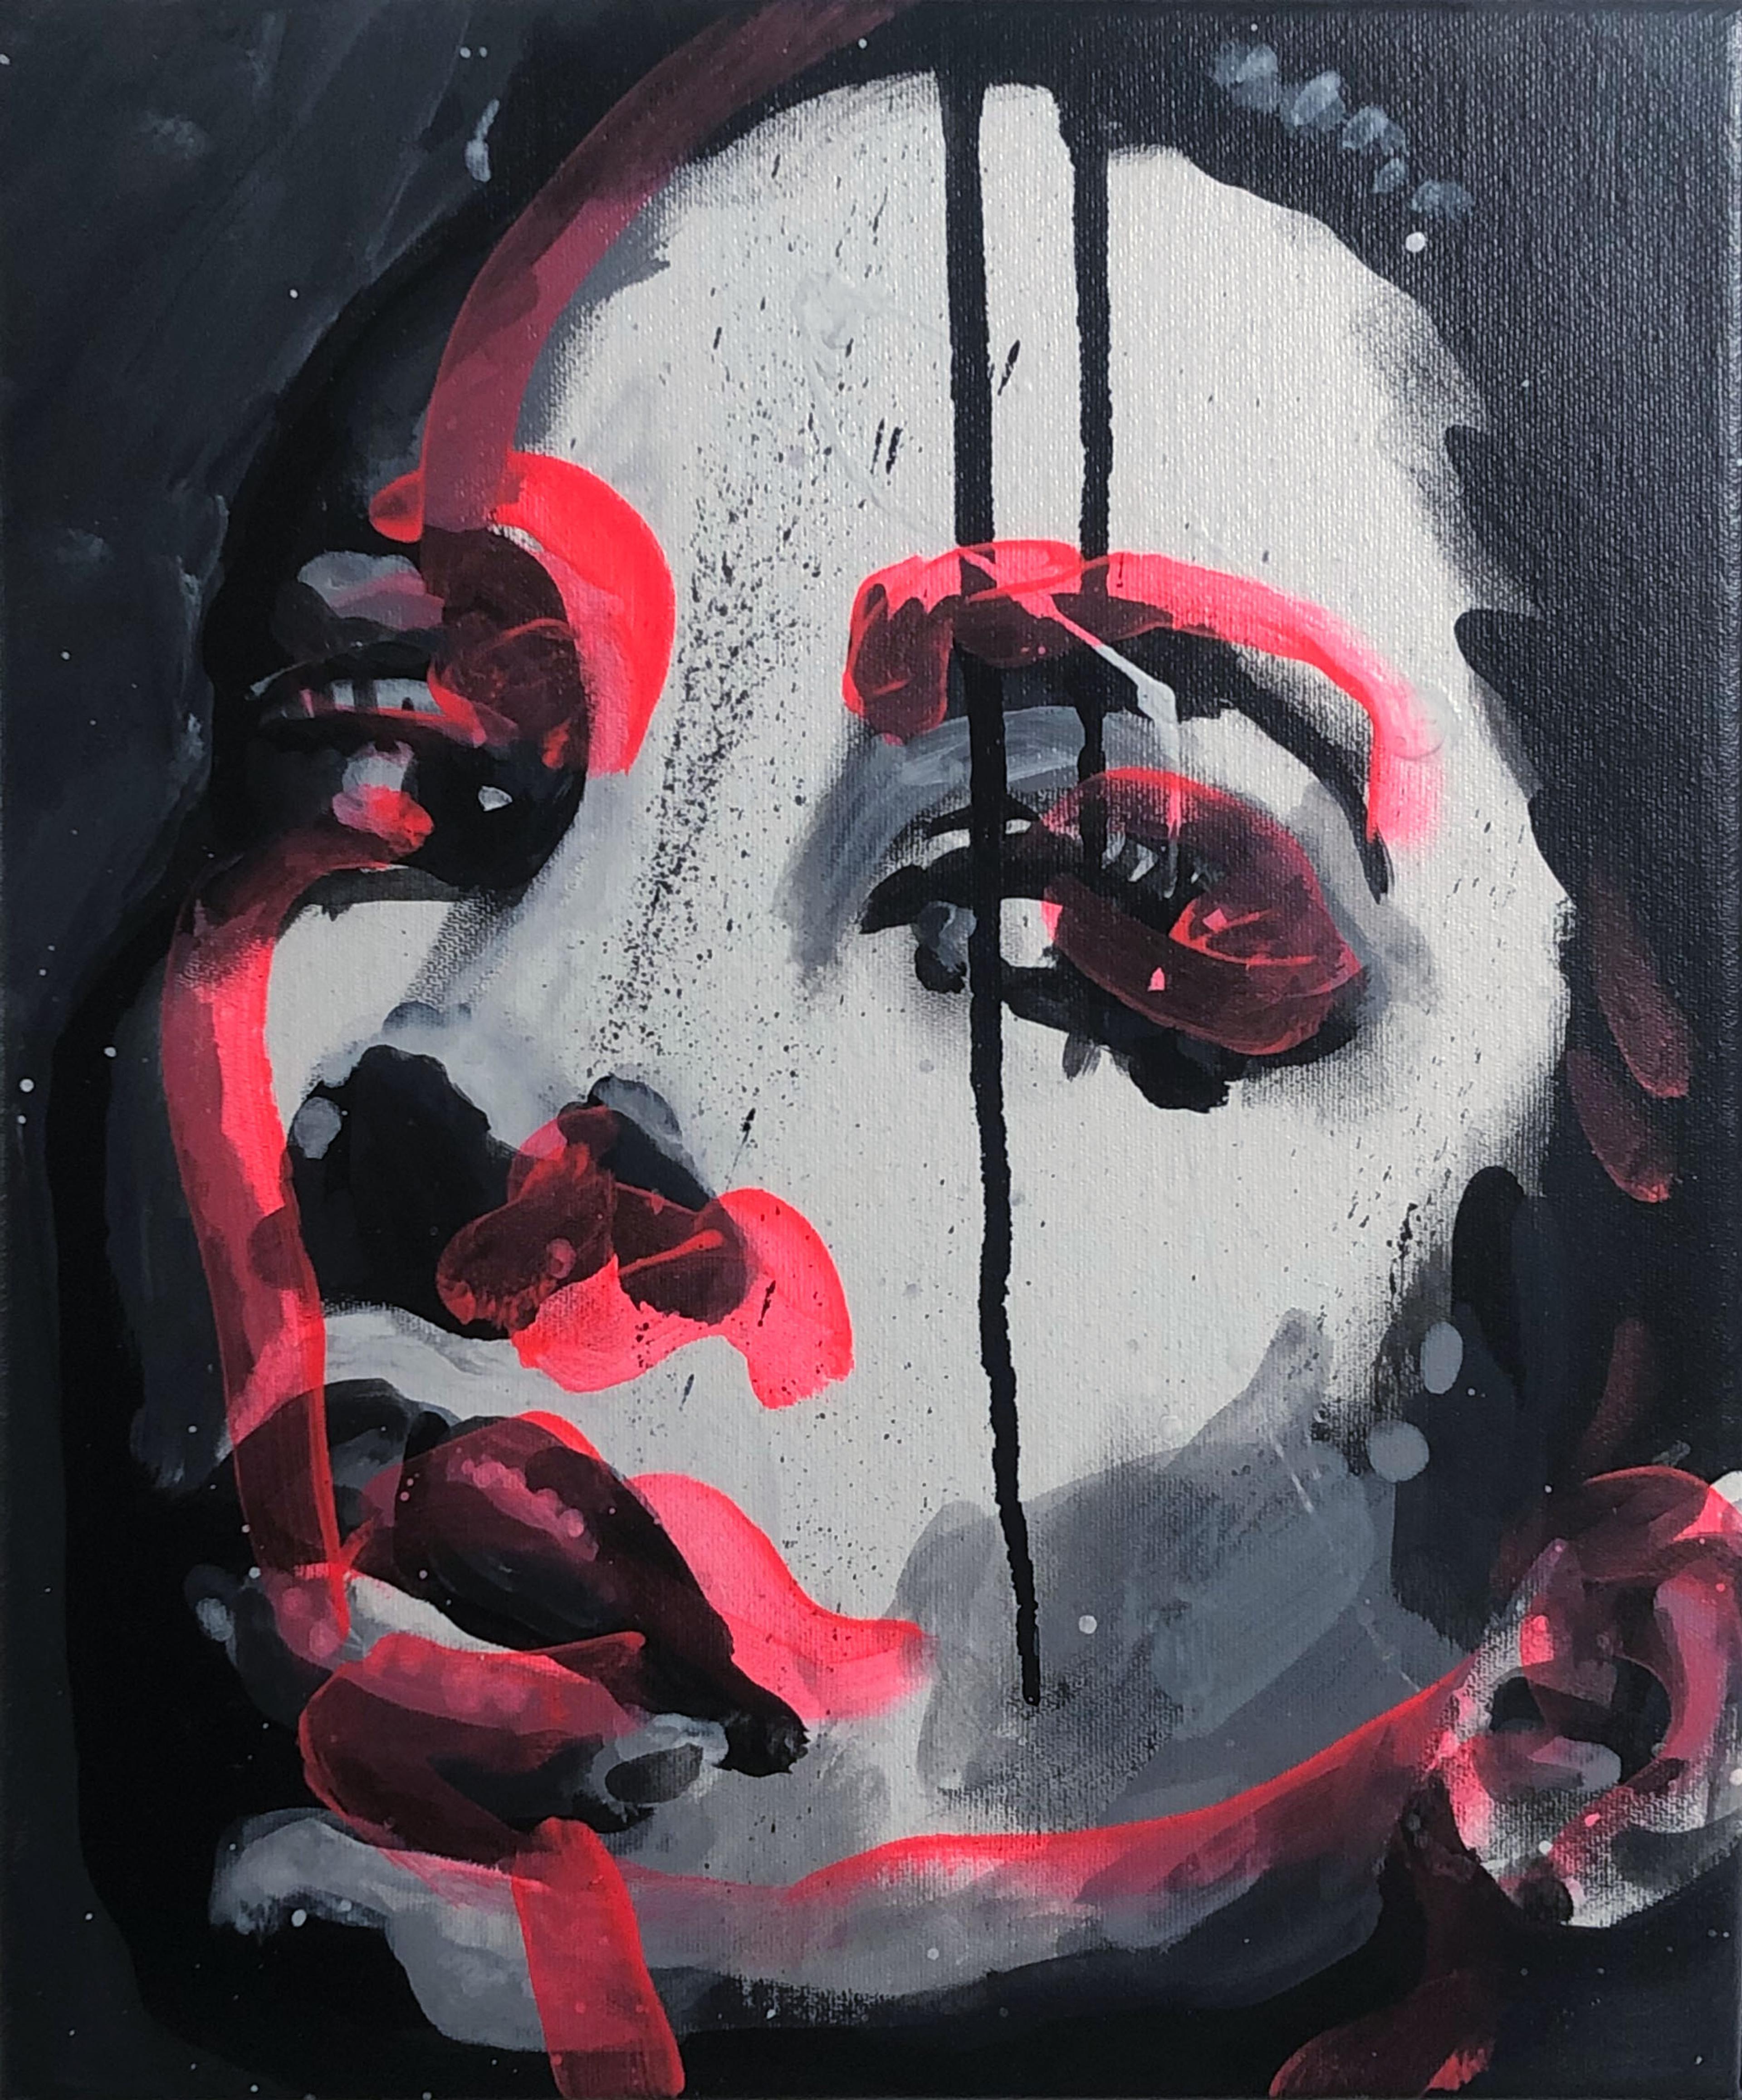 artwork black series 02 by Matthias Edlinger